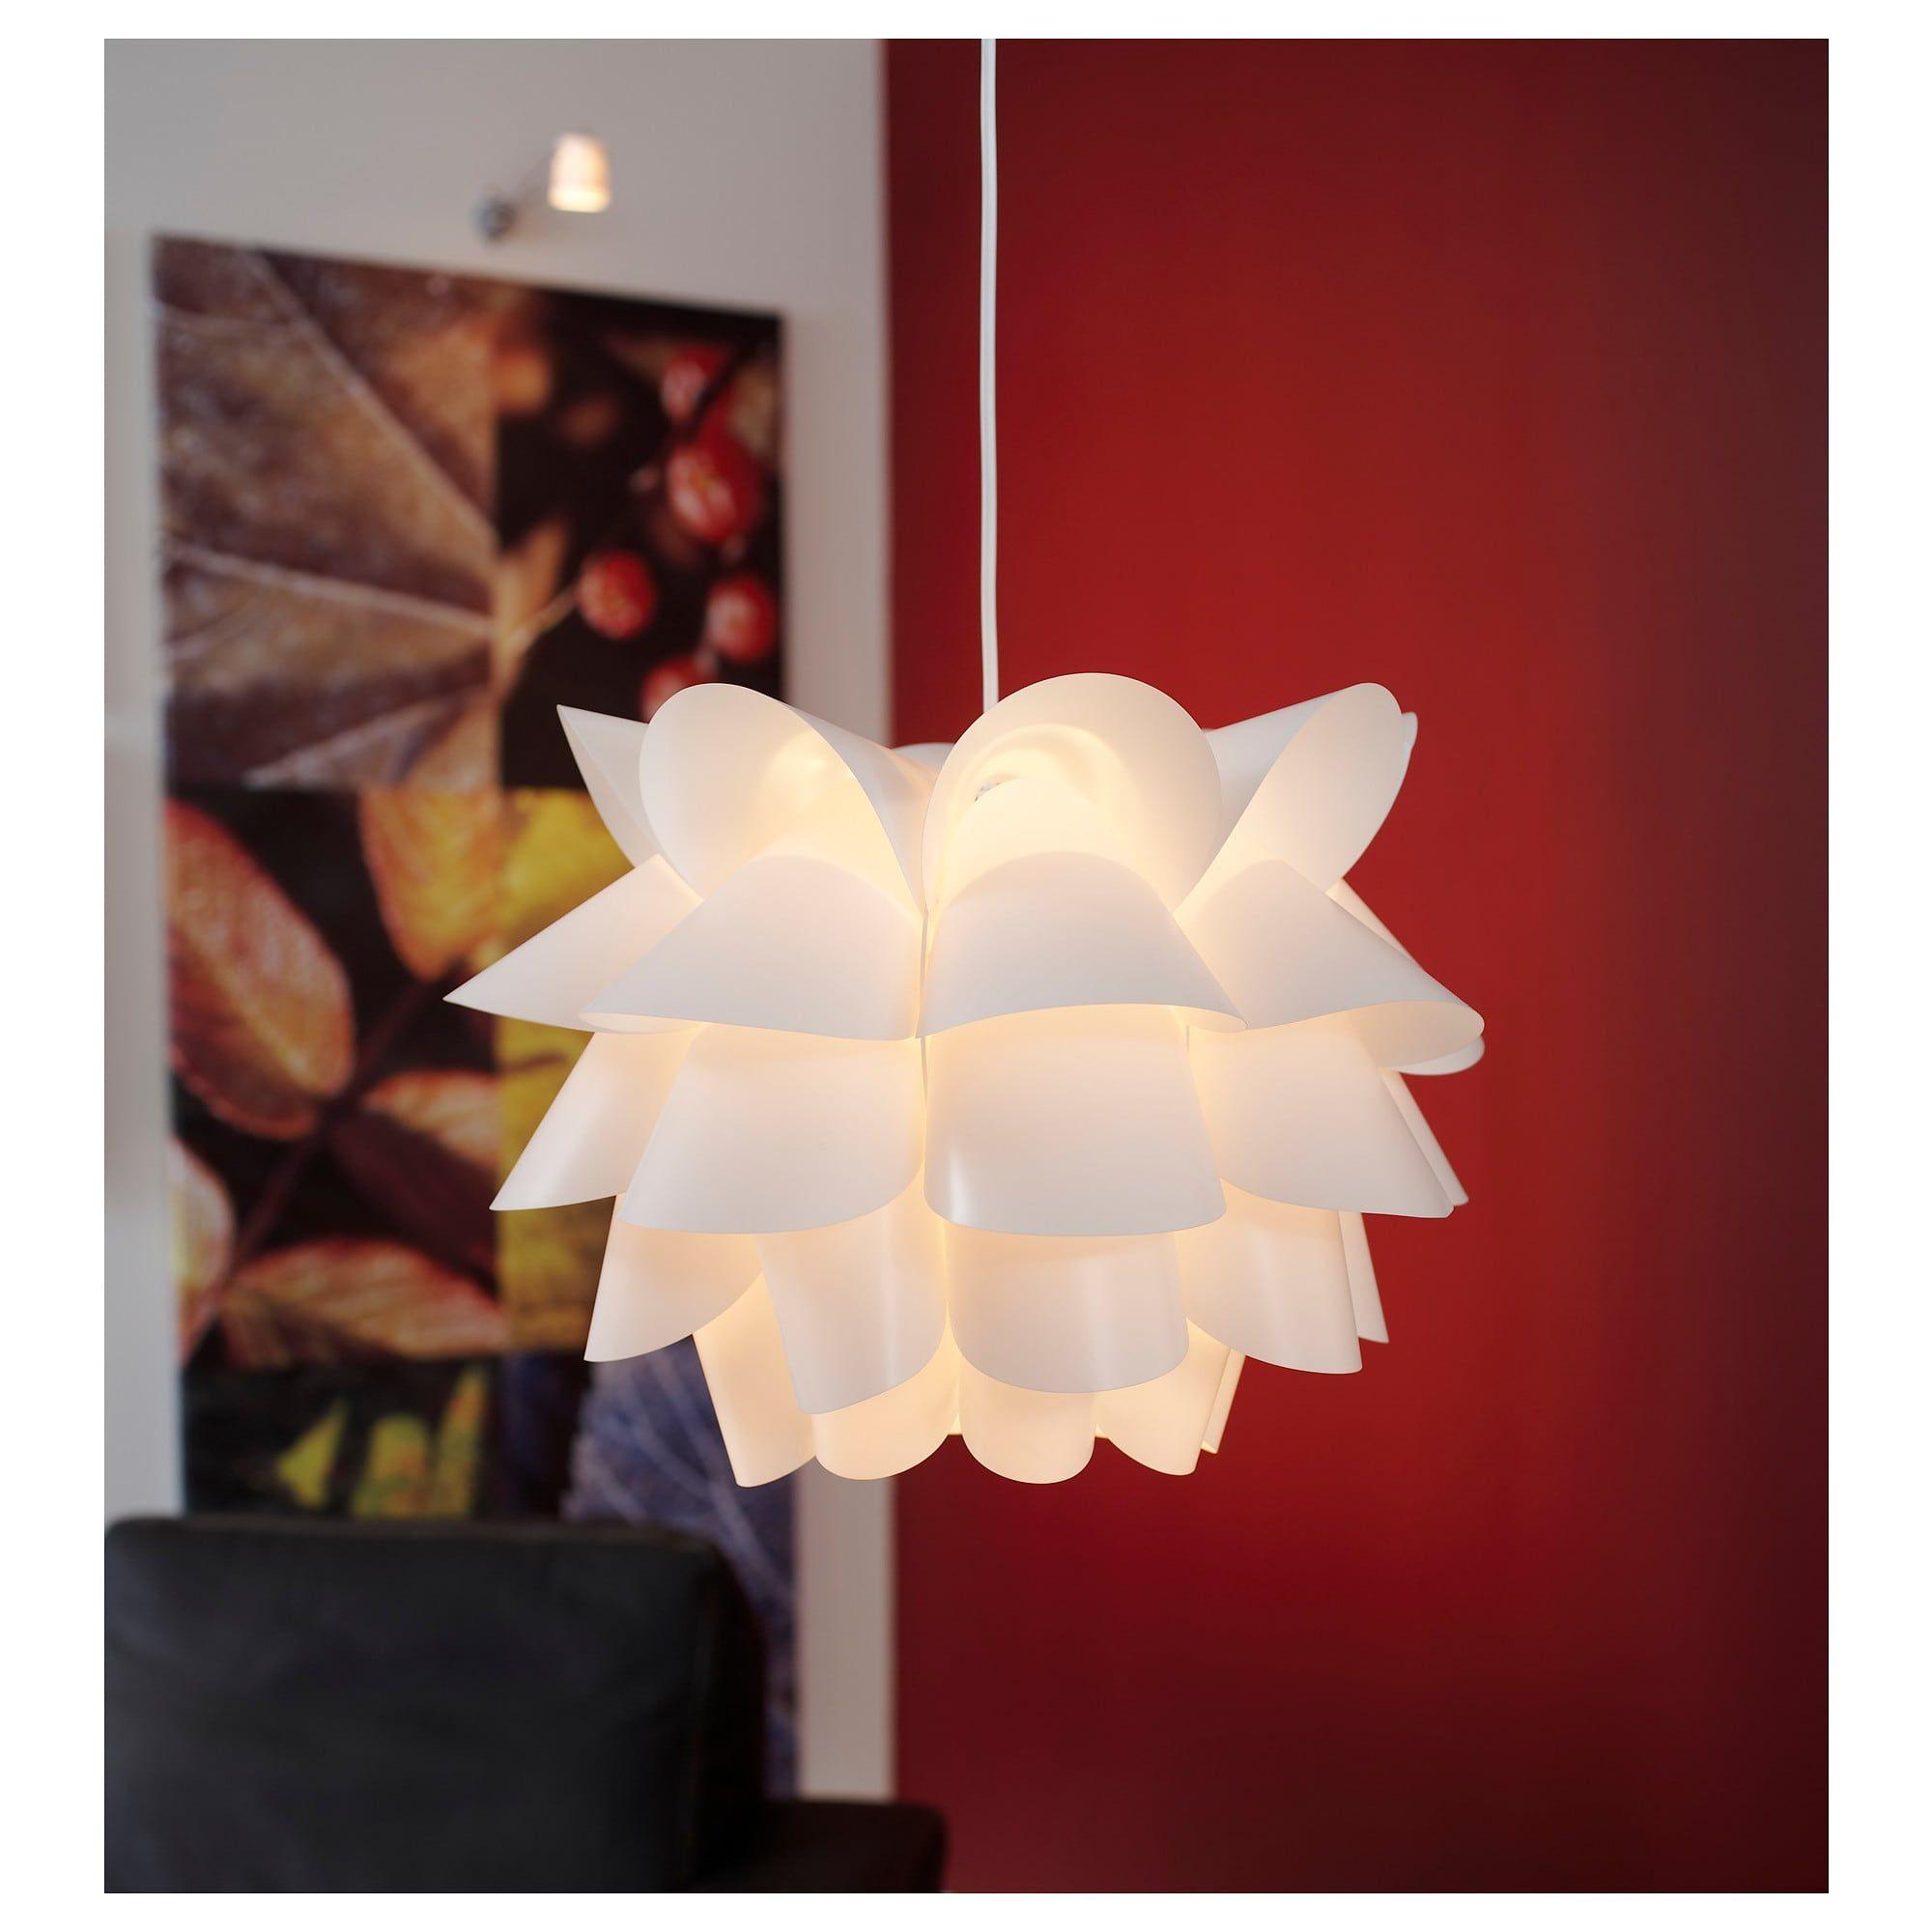 KNAPPA Hängeleuchte weiß | Anhänger lampen, Ikea lampen und